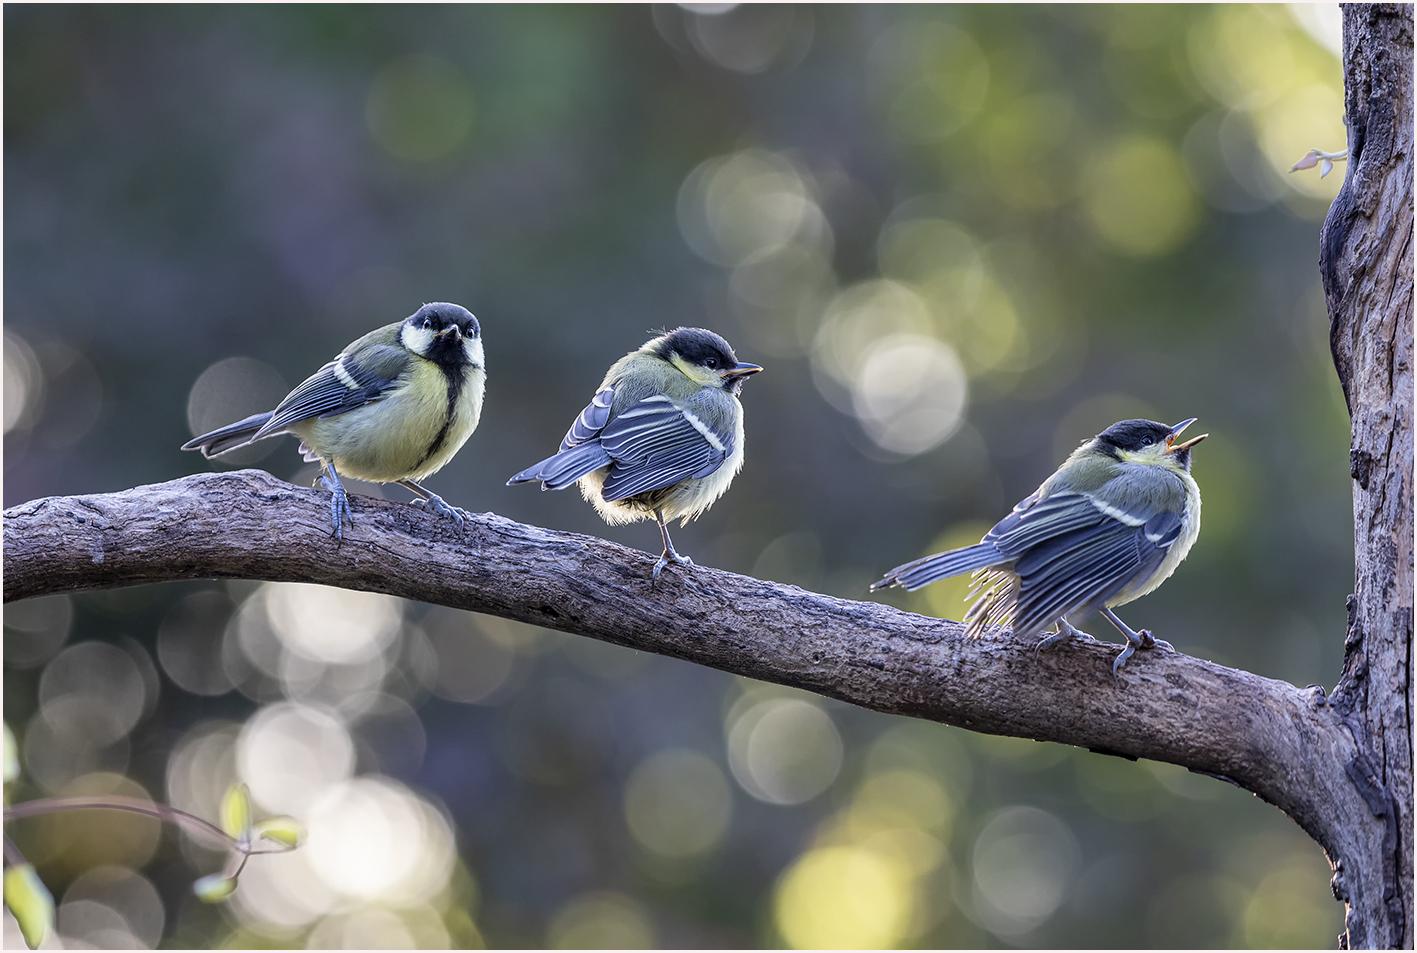 Three wise birds